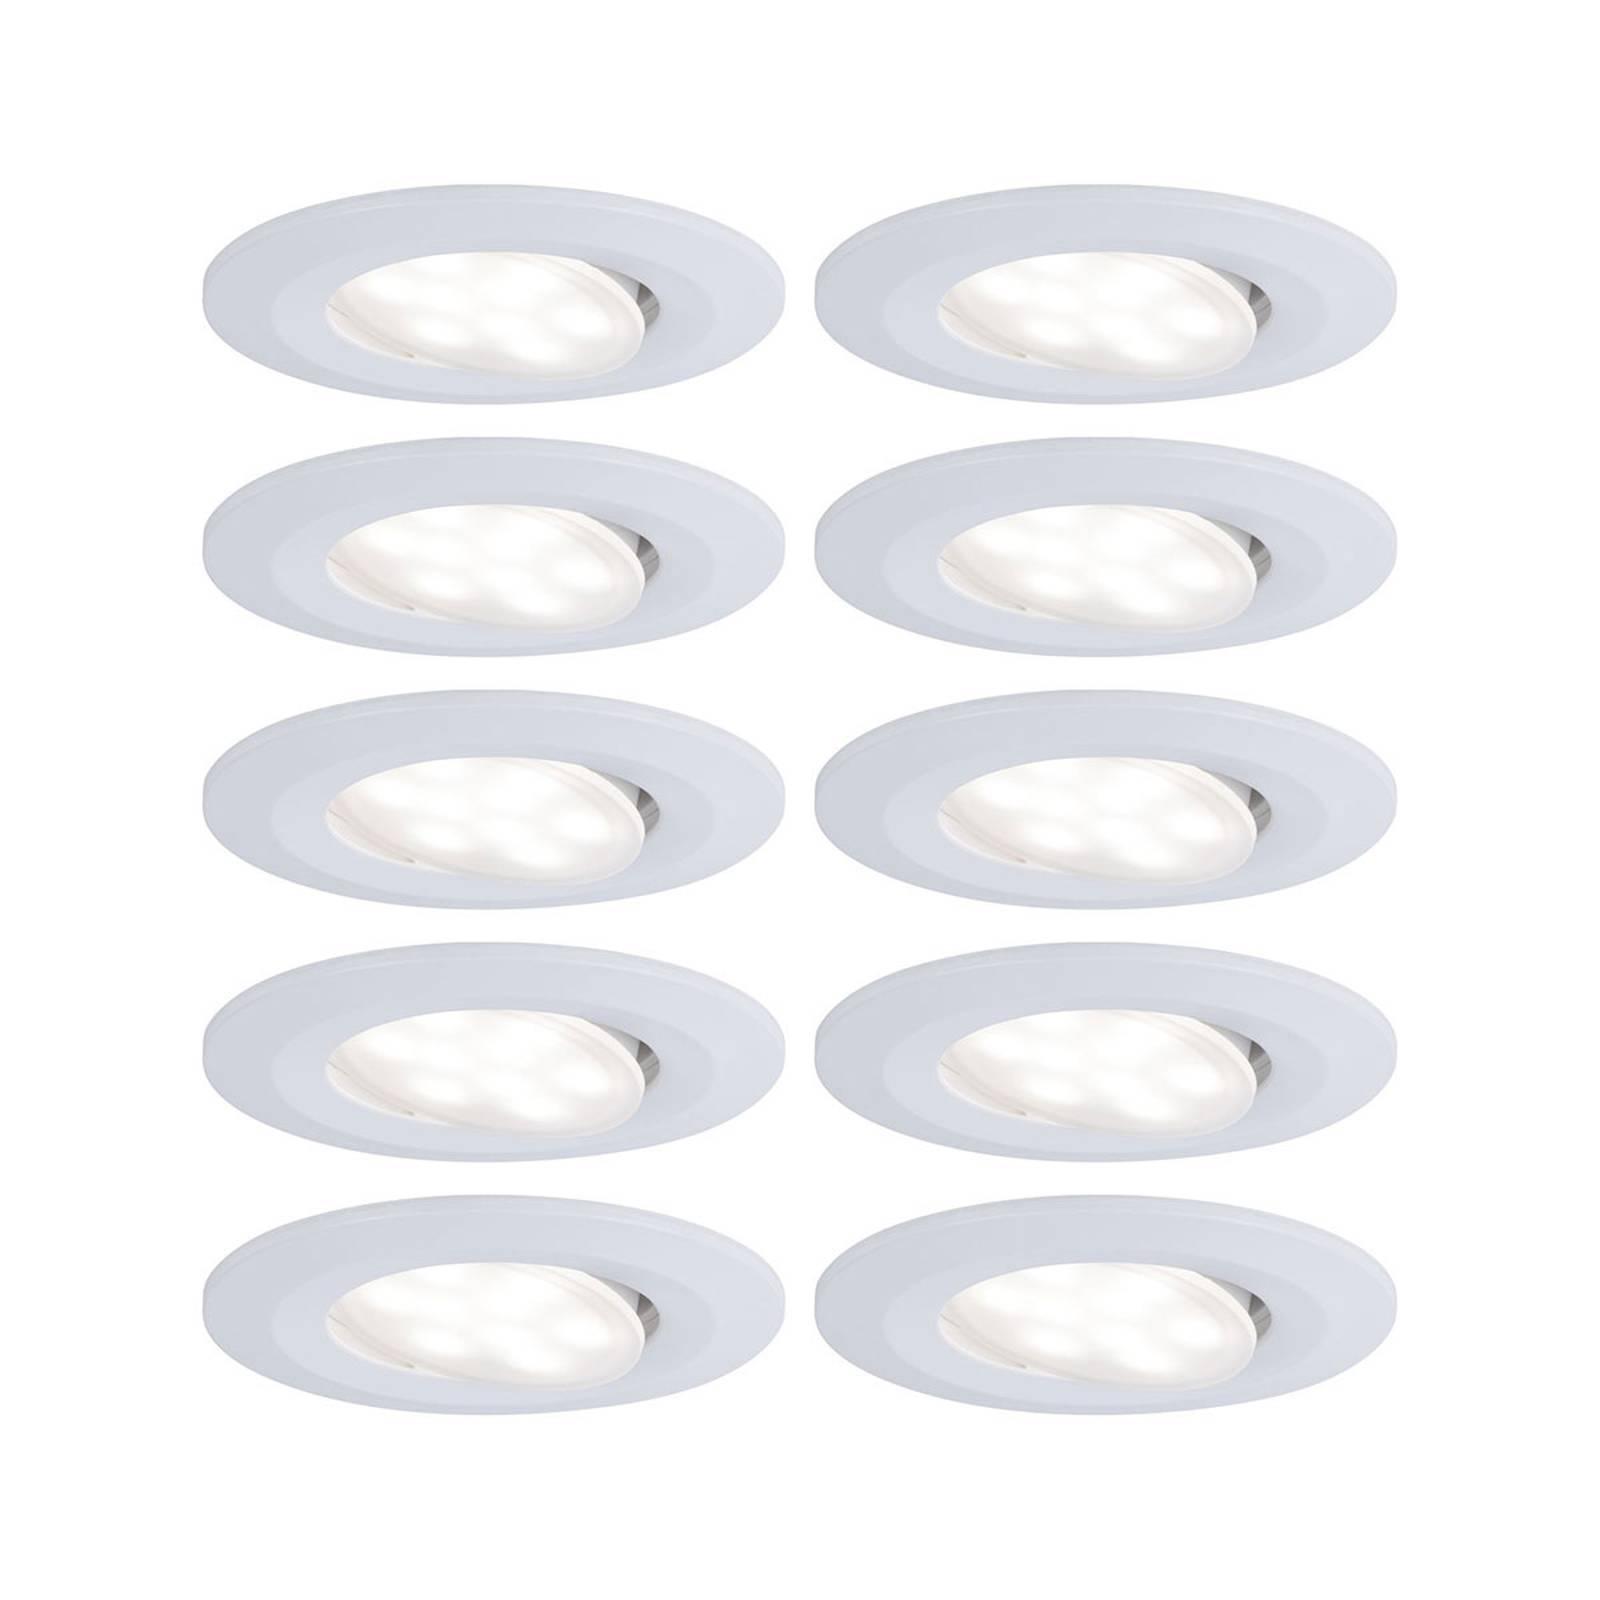 Paulmann LED-kohdevalo Calla, 10kpl, valkoinen